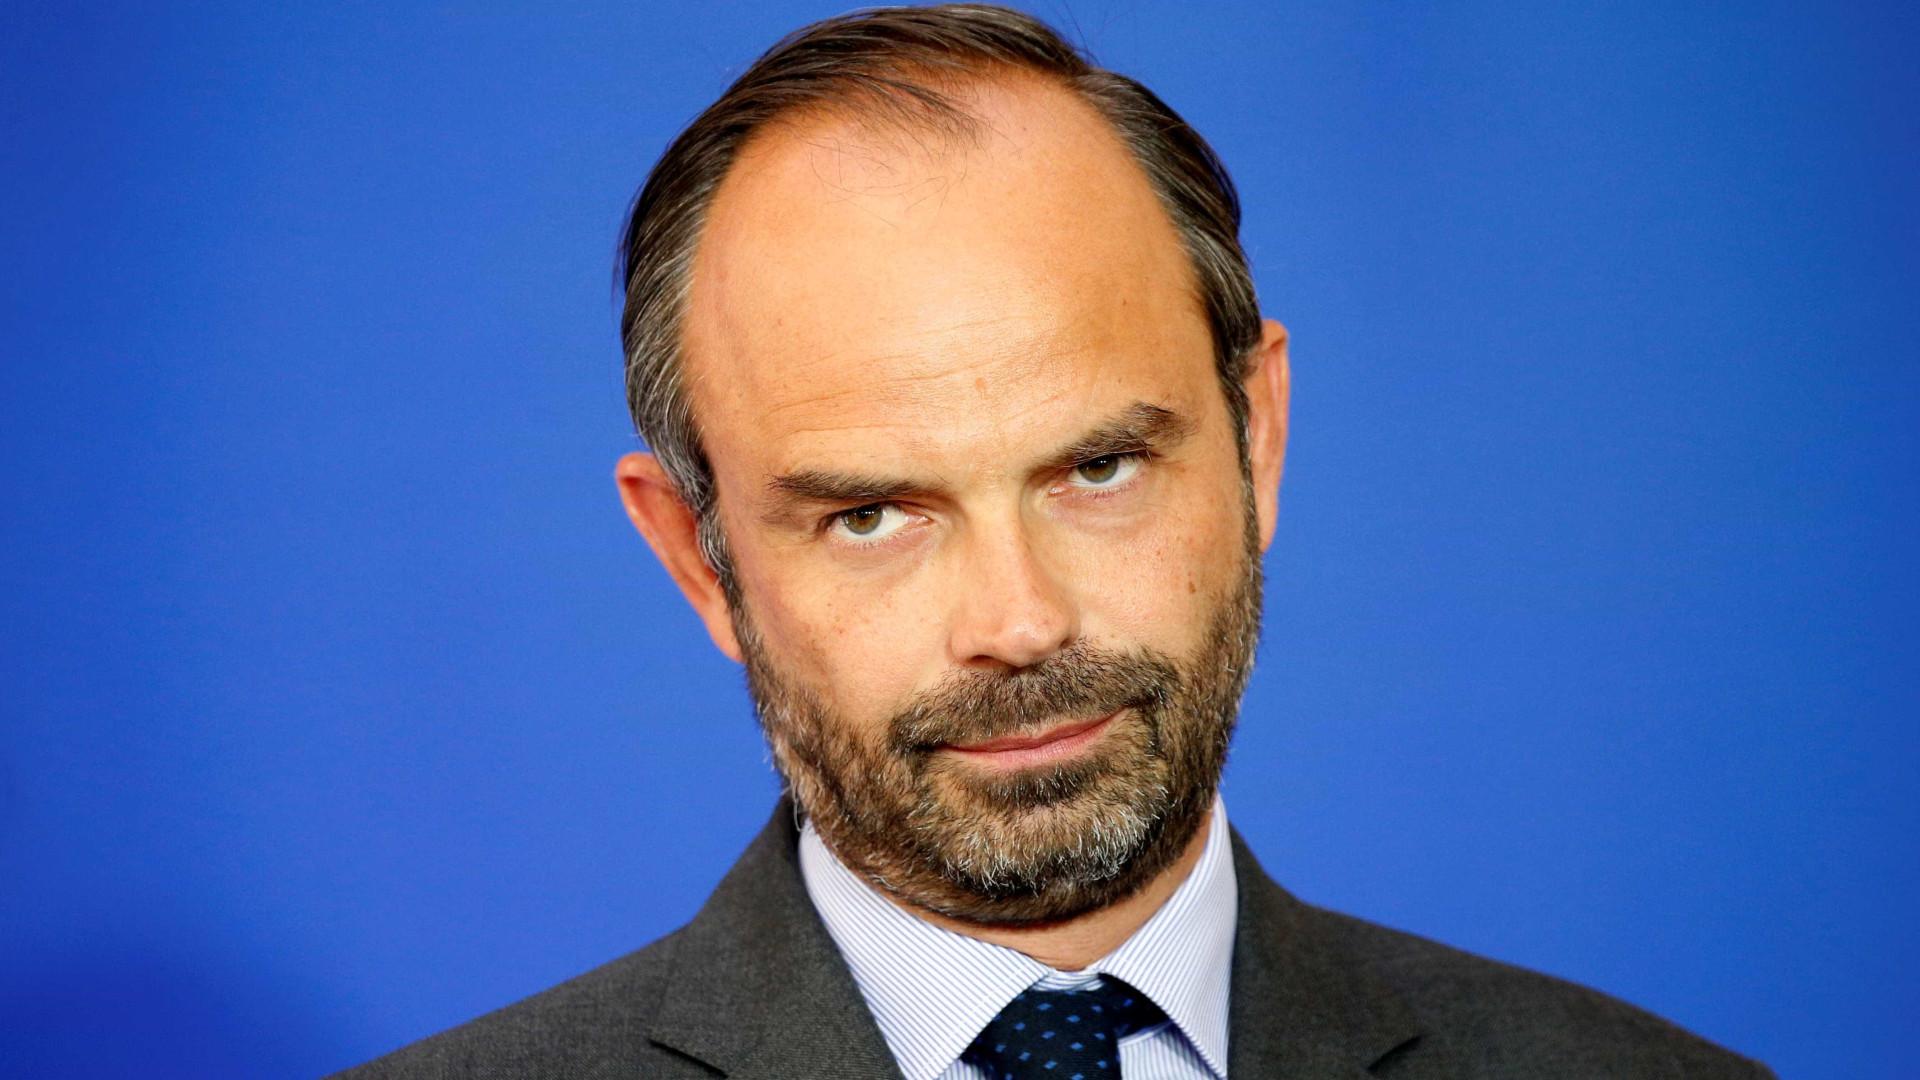 Défice de 2017 em risco de derrapar, diz primeiro-ministro francês